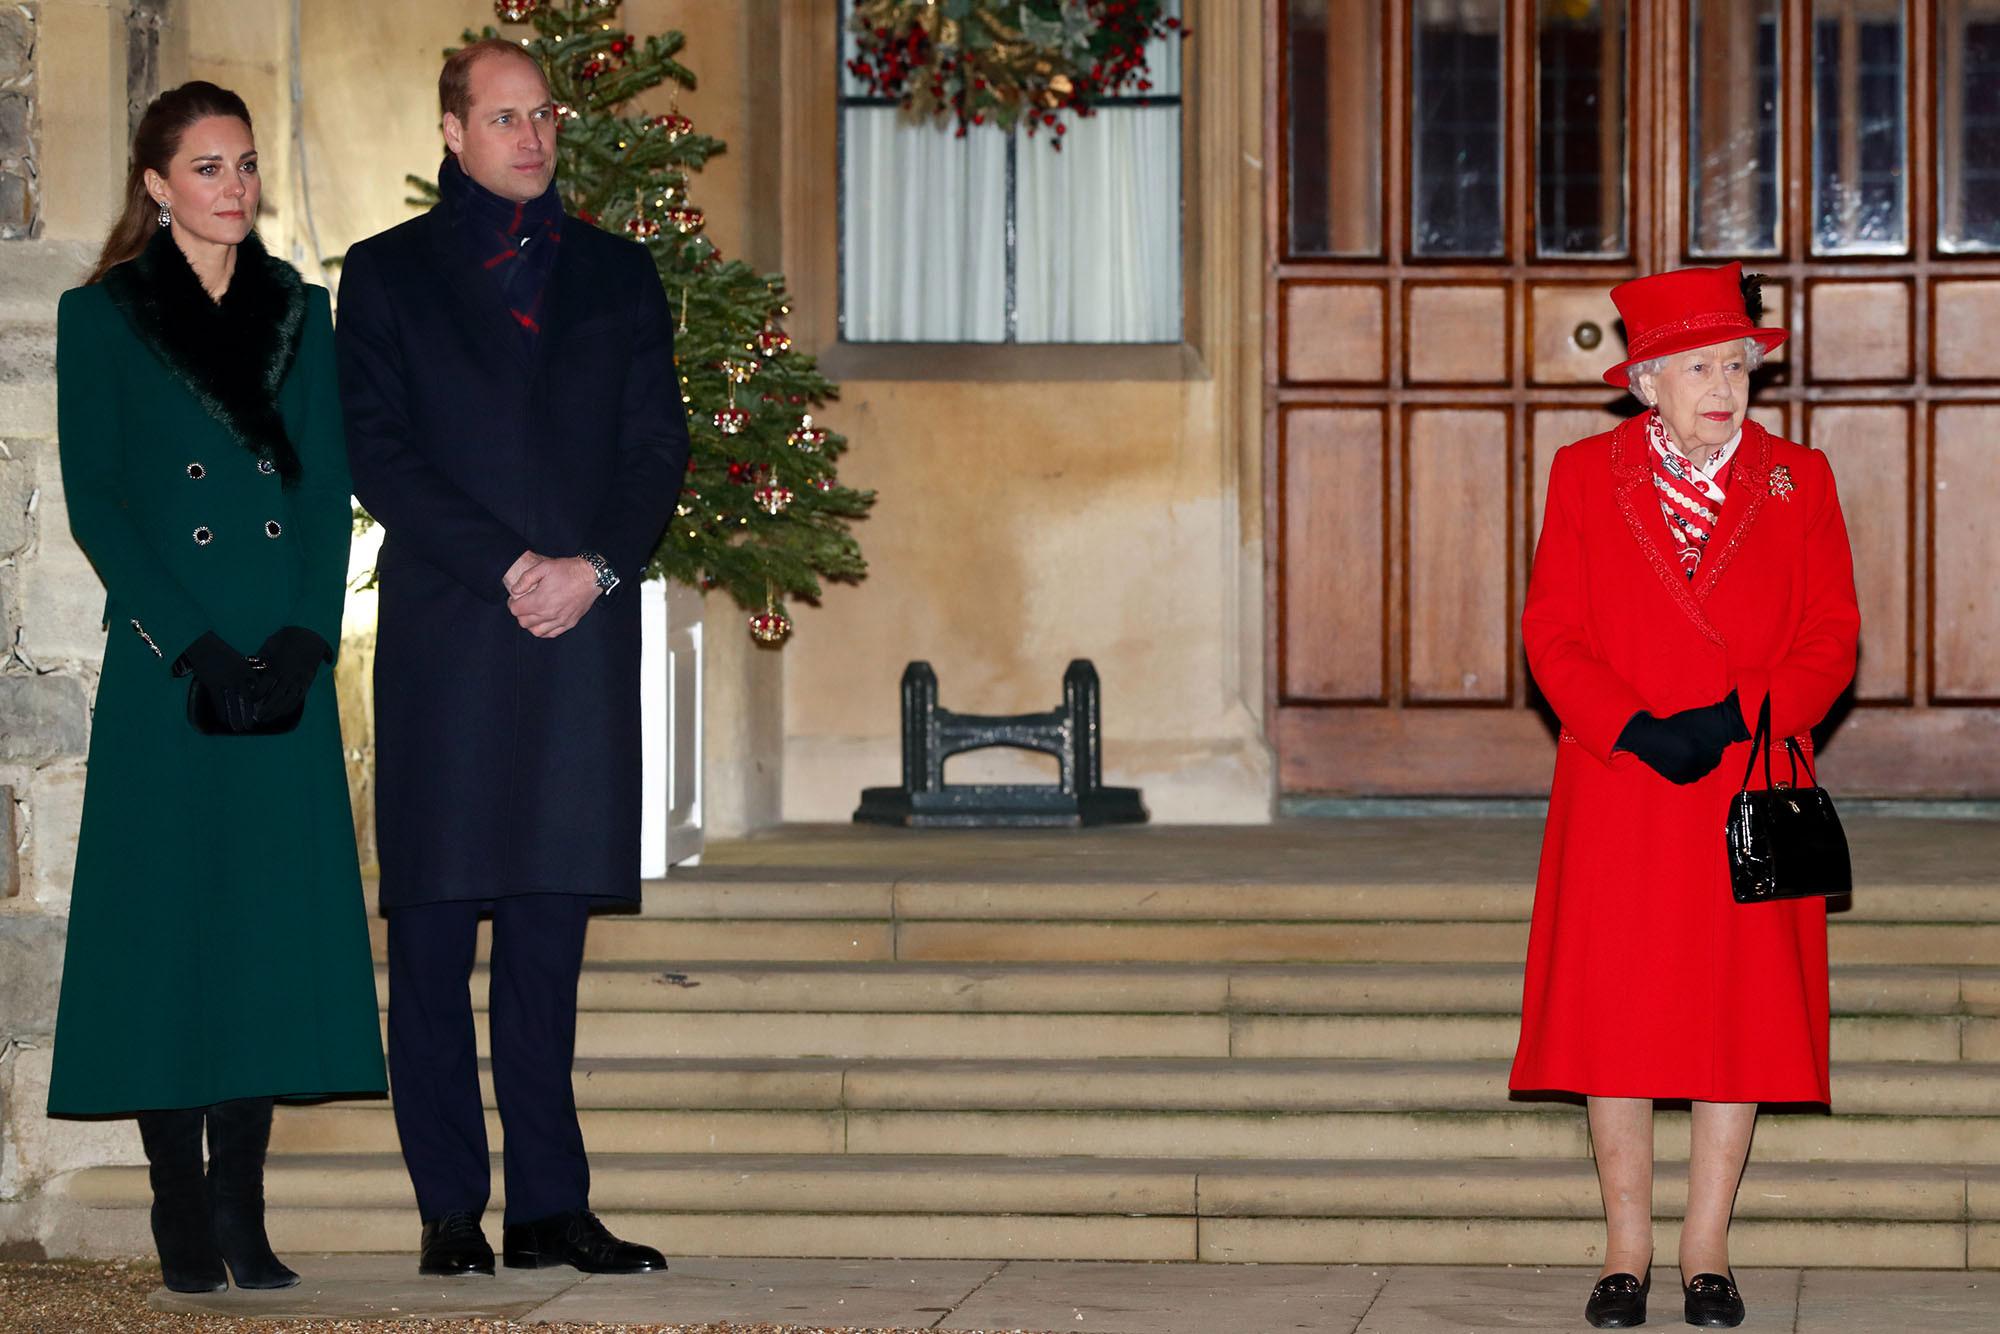 Финальная точка турне принца Уильяма и Кейт Миддлтон: герцоги встретились с Королевой в Виндзорском замке